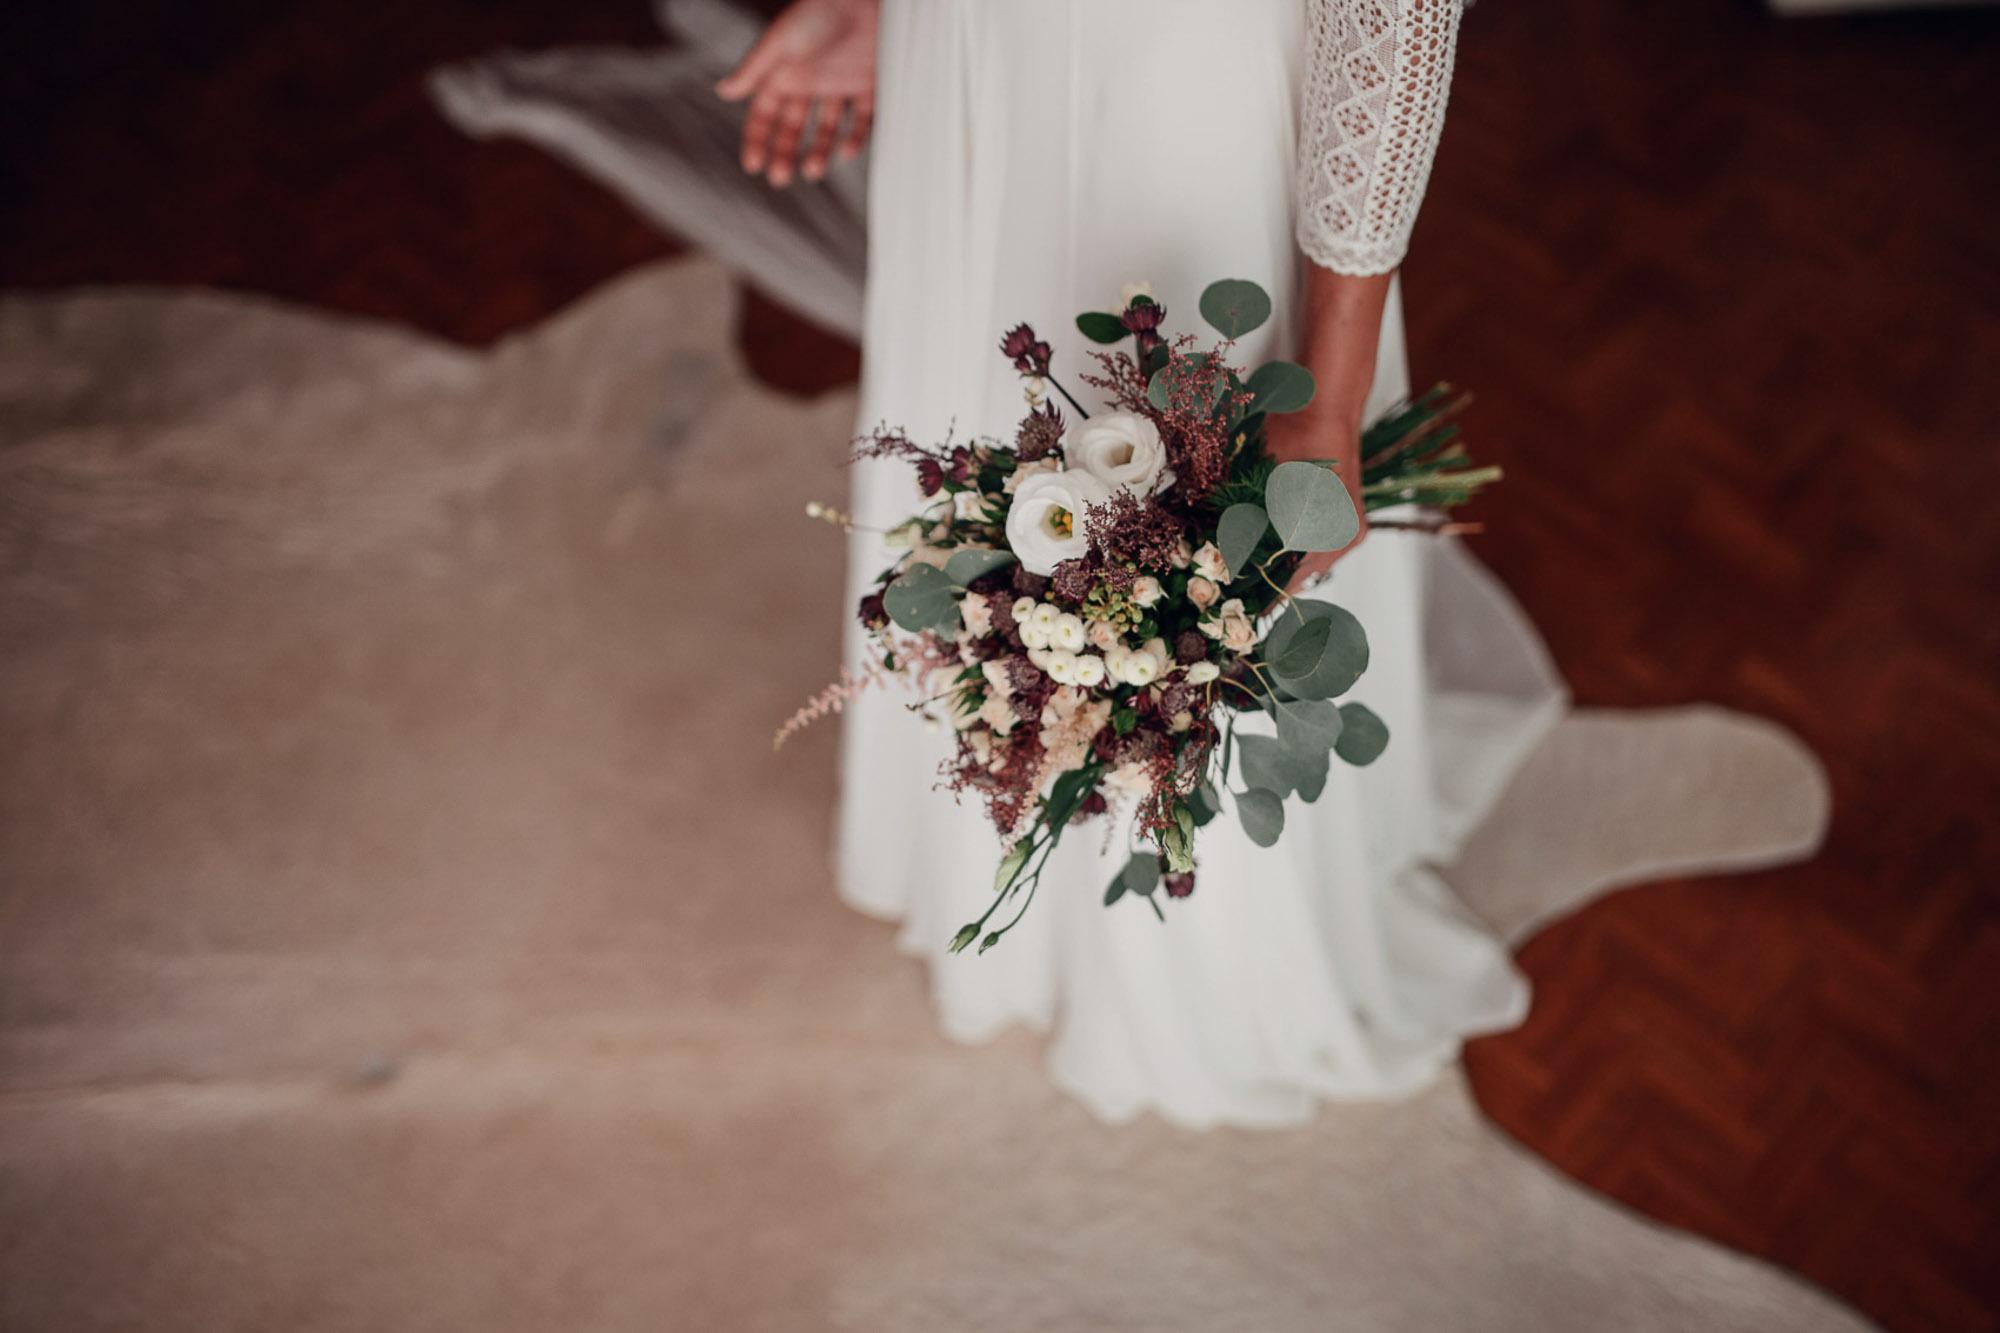 detalle ramo flores novia vestido blanco